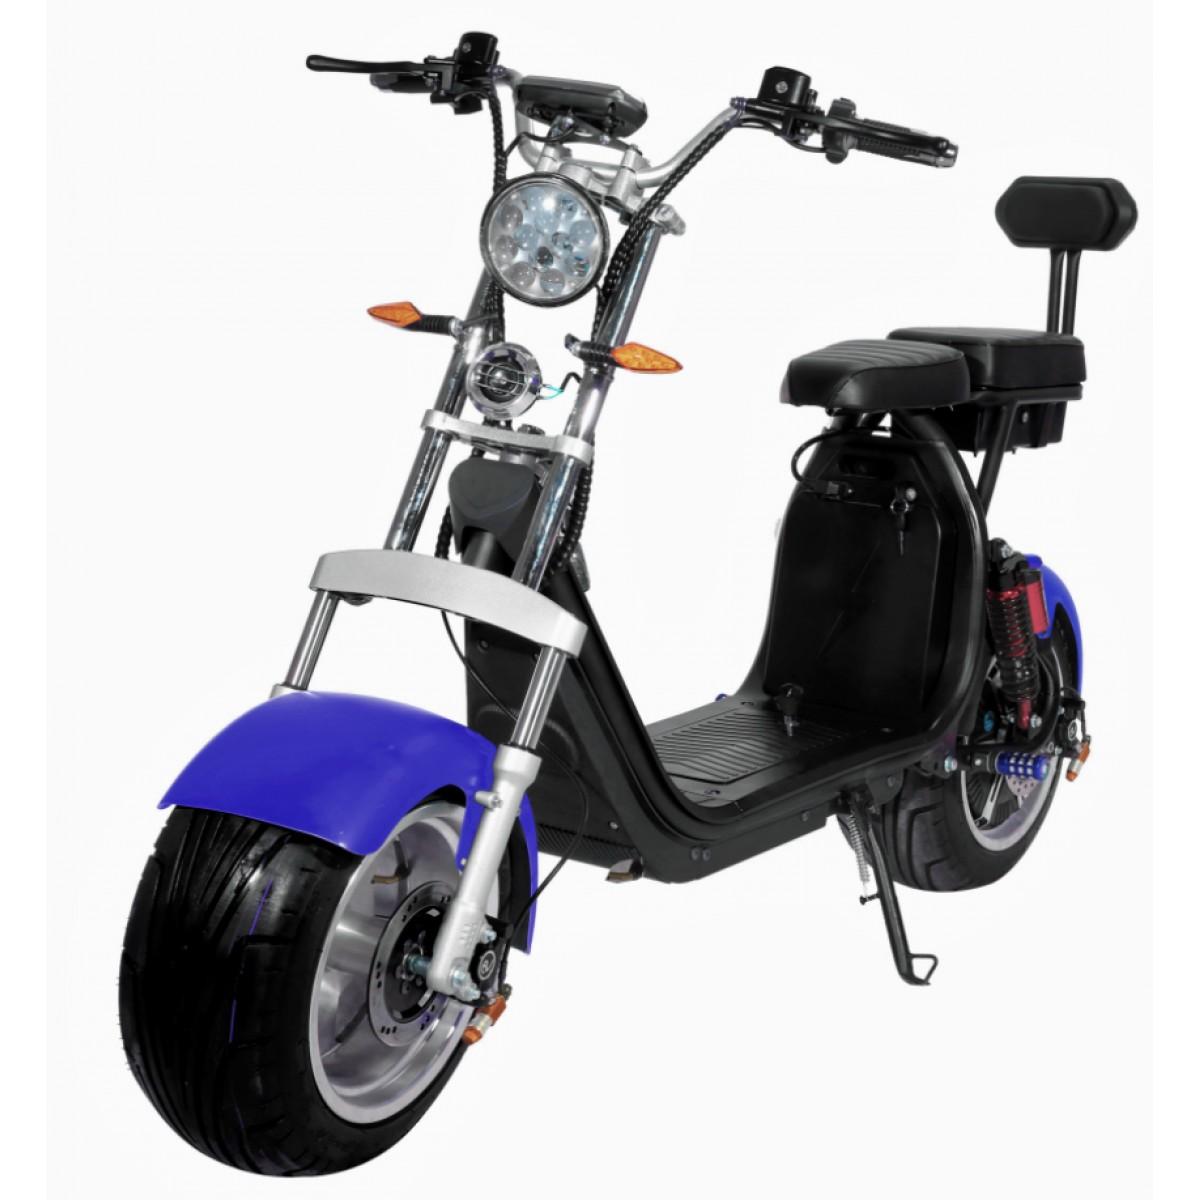 Moto Elétrica RideMode ECO 3000w, Aluminium, Blue, EM-03-BB